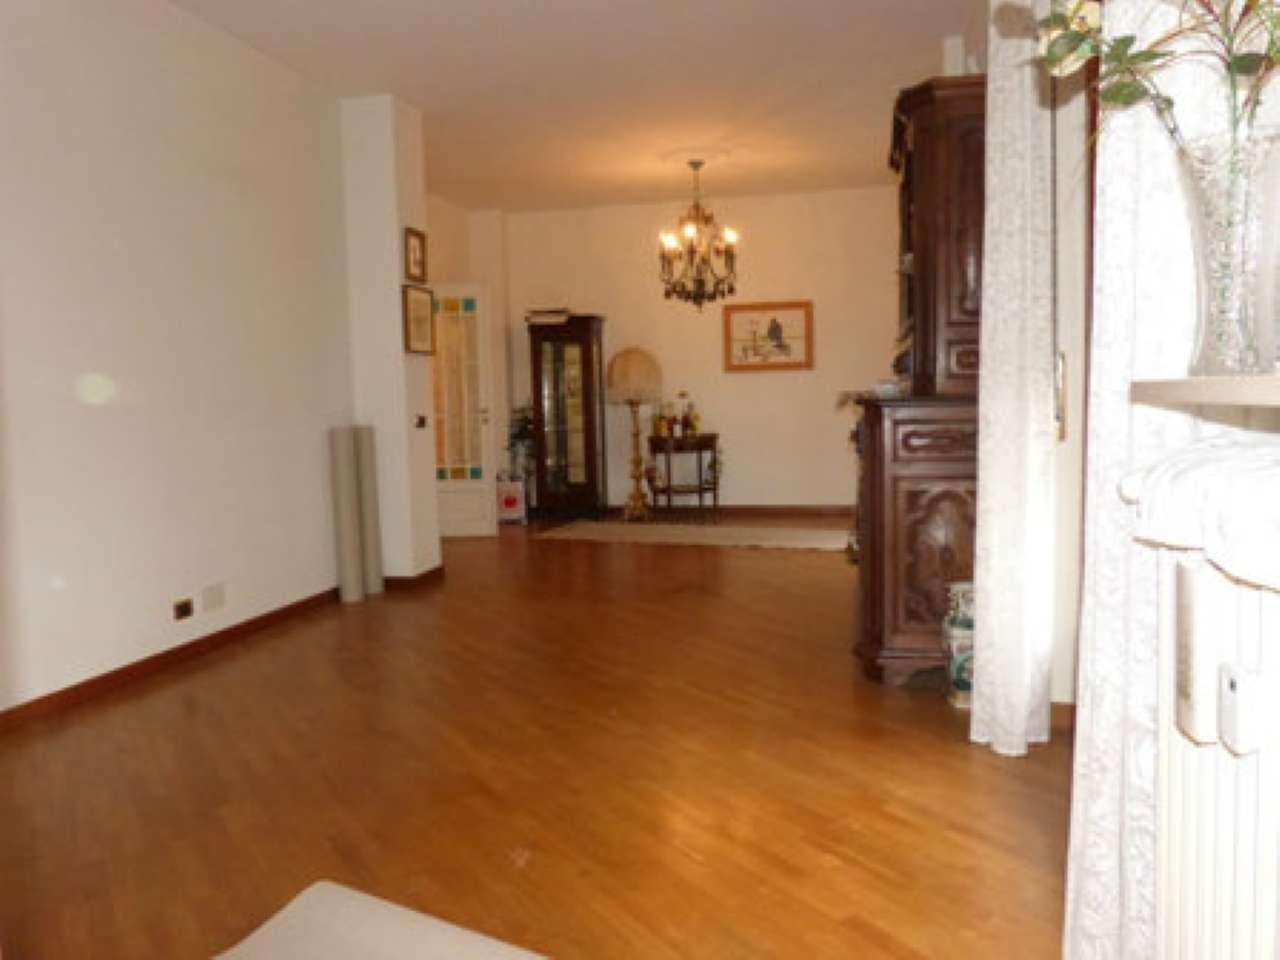 Appartamento in vendita a Fossano, 4 locali, prezzo € 310.000 | CambioCasa.it